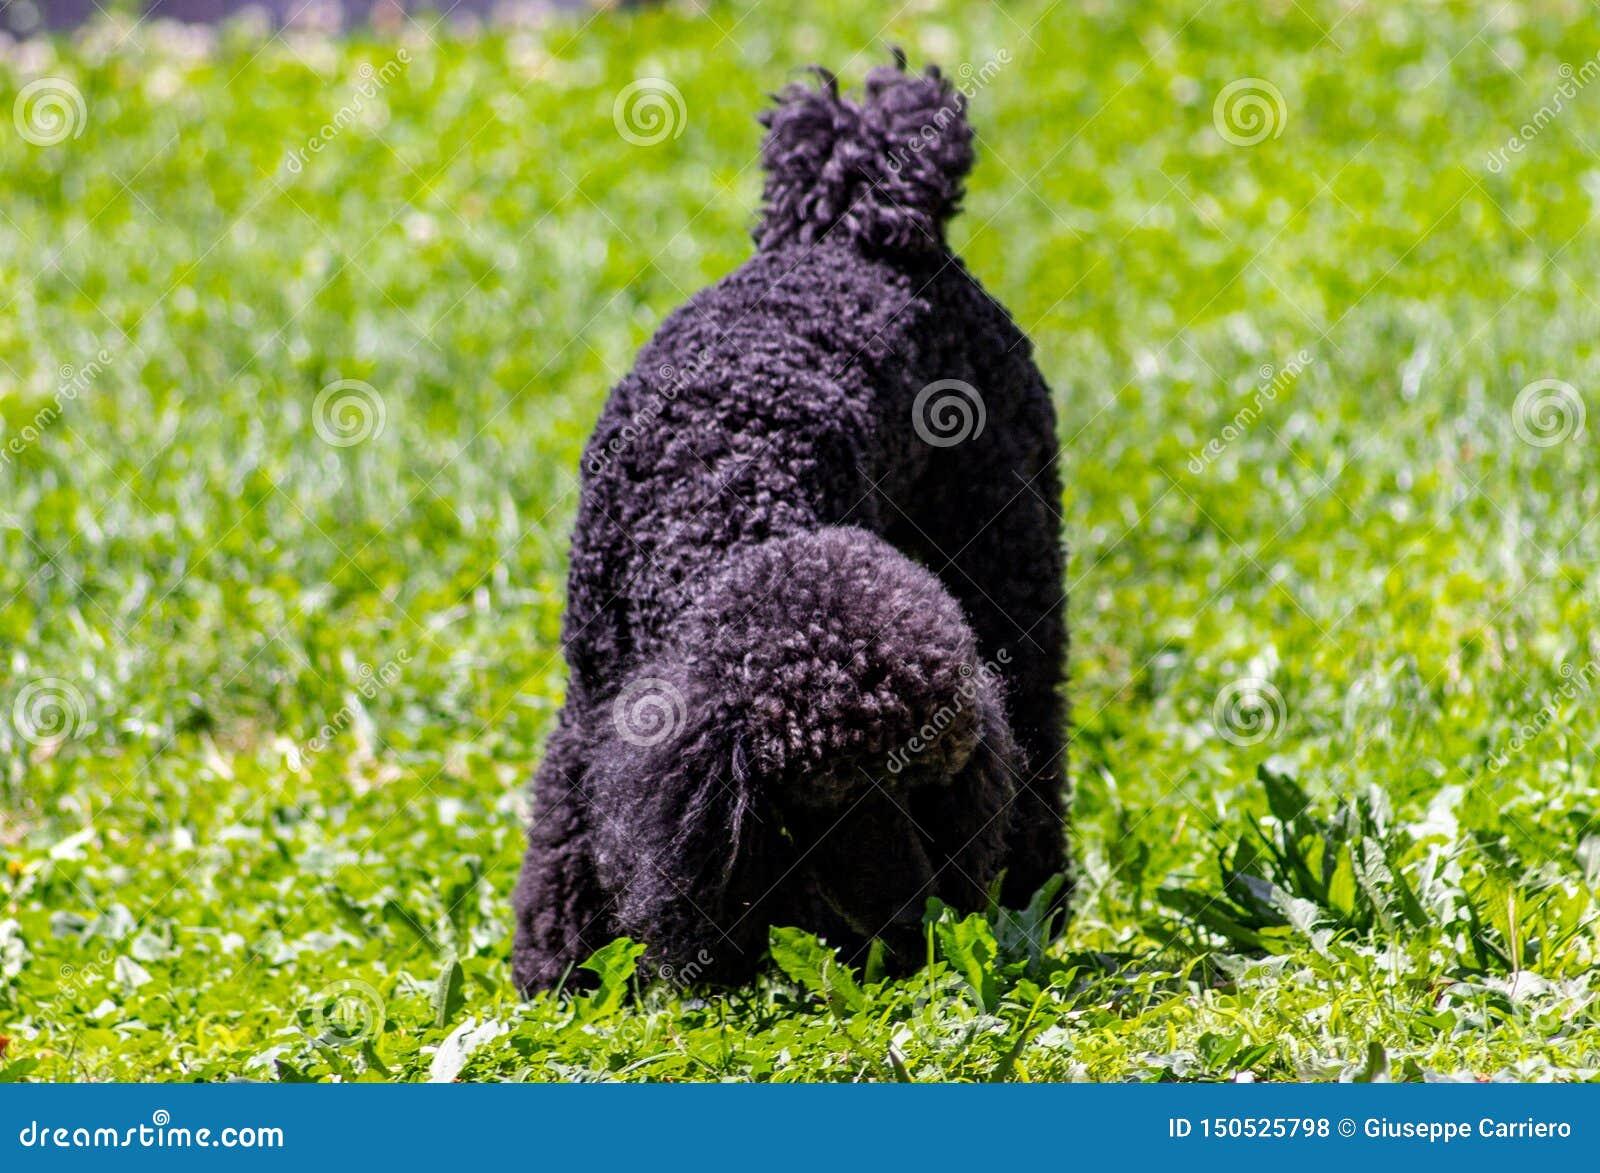 El vagabundo ha definido muy bien características faciales y es fácilmente distinguible de cualquier otra raza del perro: La cabe